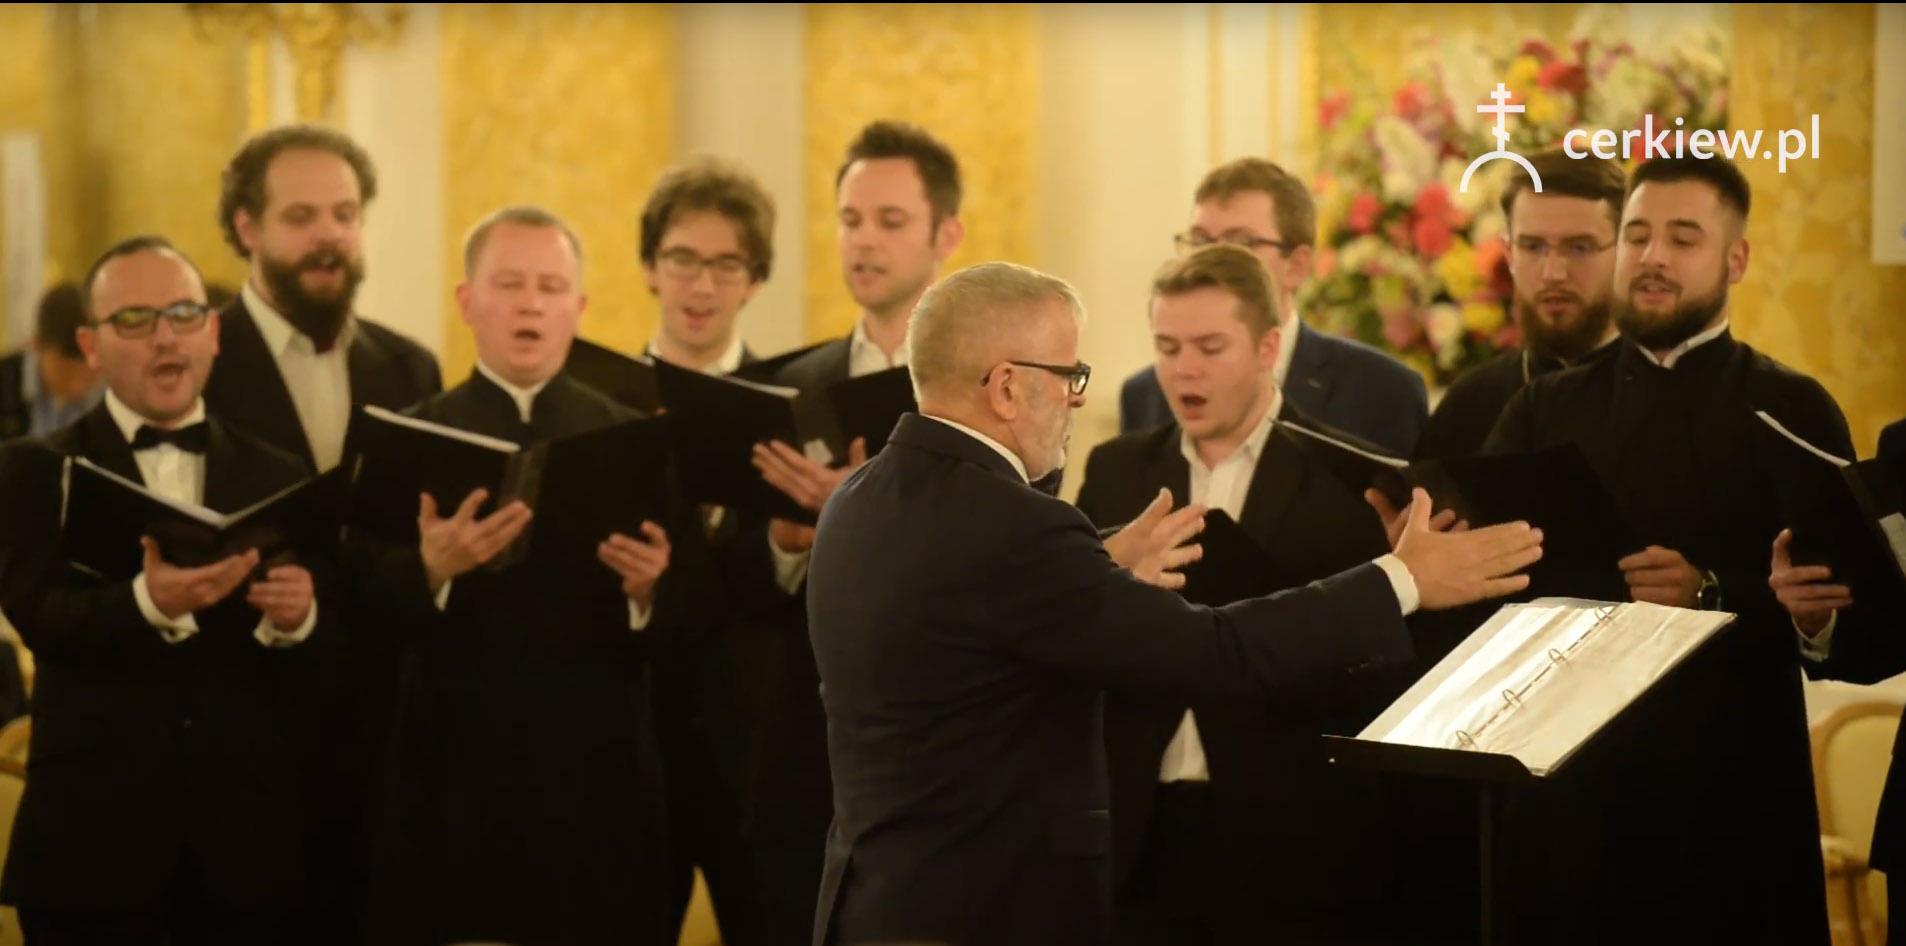 Nagranie trzeciej część koncertu muzyki cerkiewnej i pieśni patriotycznej